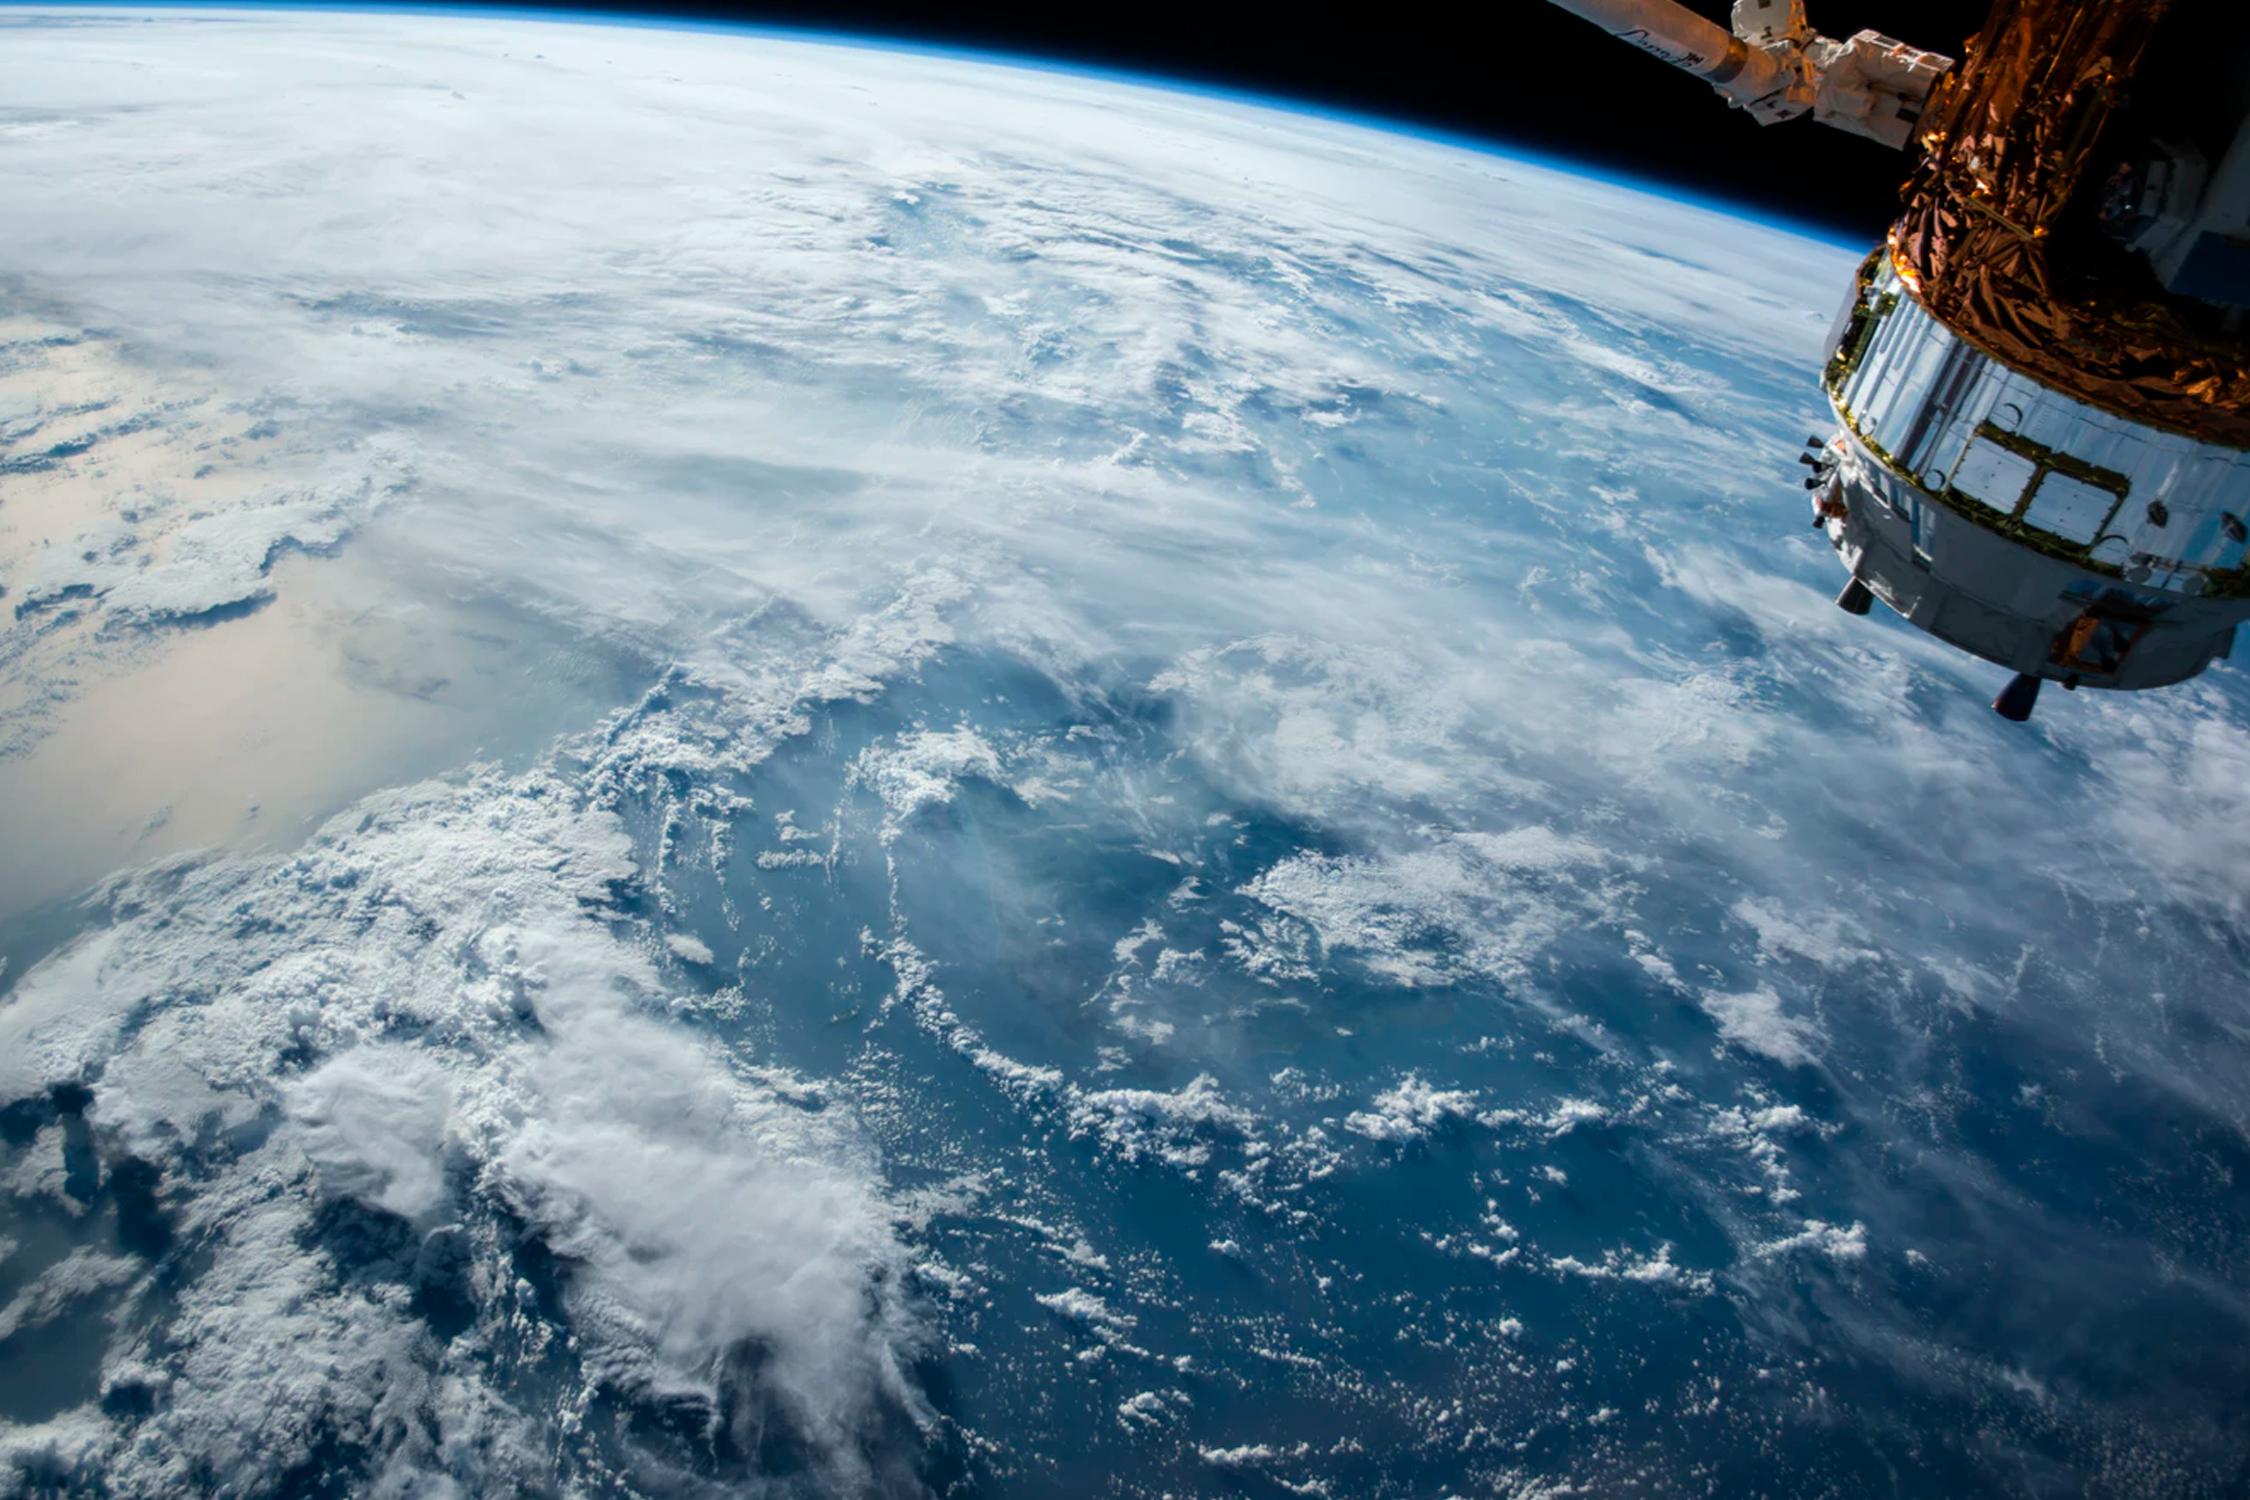 El Puerto coopera con la Agencia Espacial Europea en la búsqueda de residuos marinos